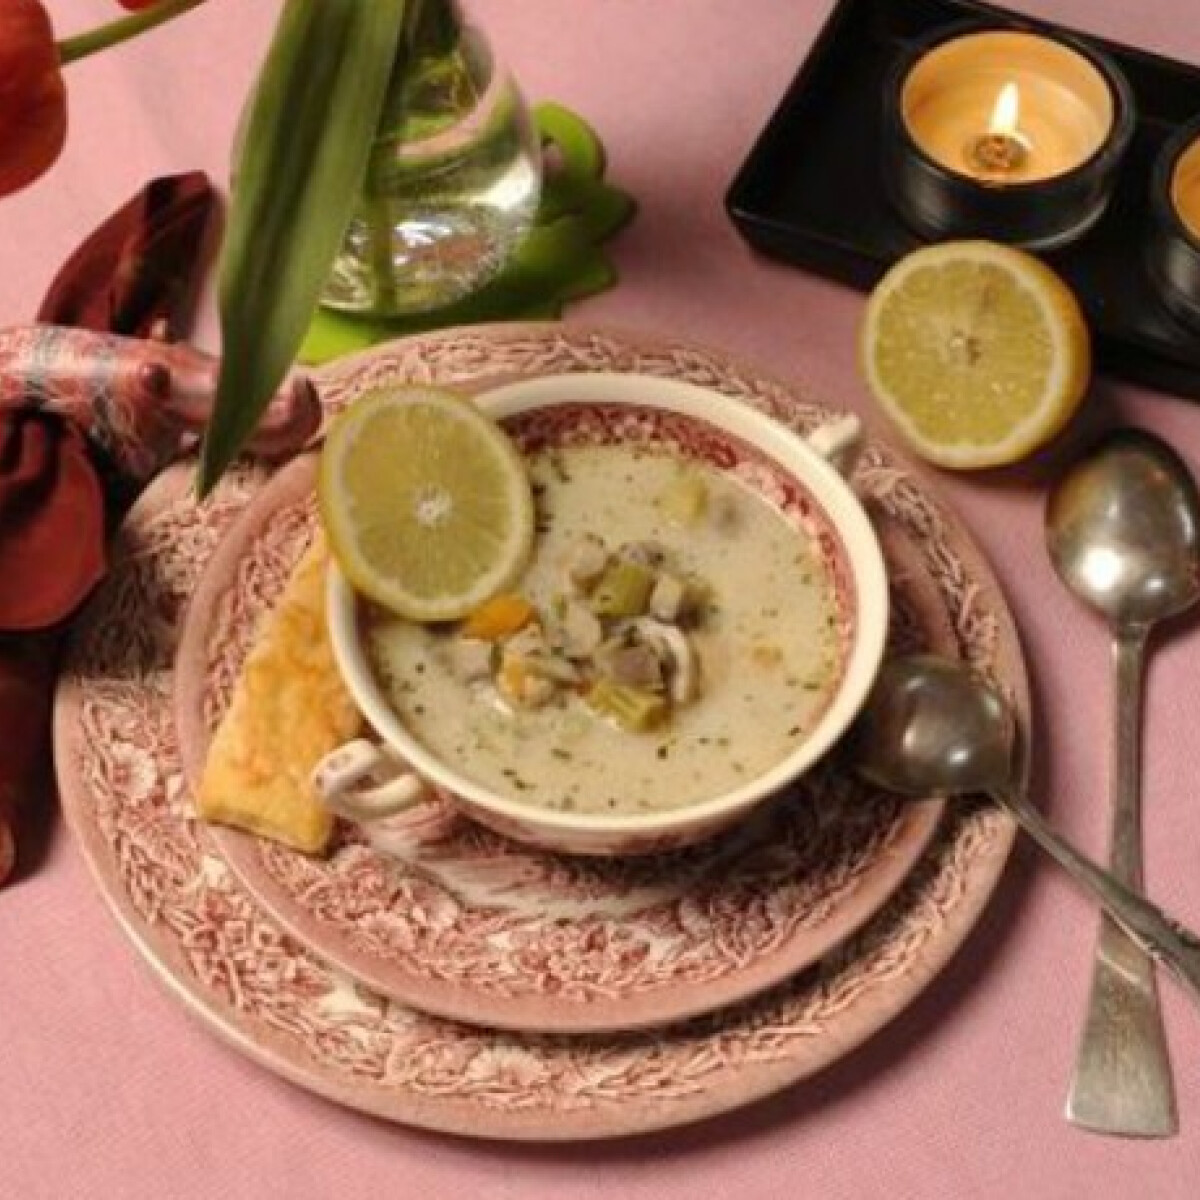 Ezen a képen: Tárkonyos gombaleves Gombagasztro konyhájából